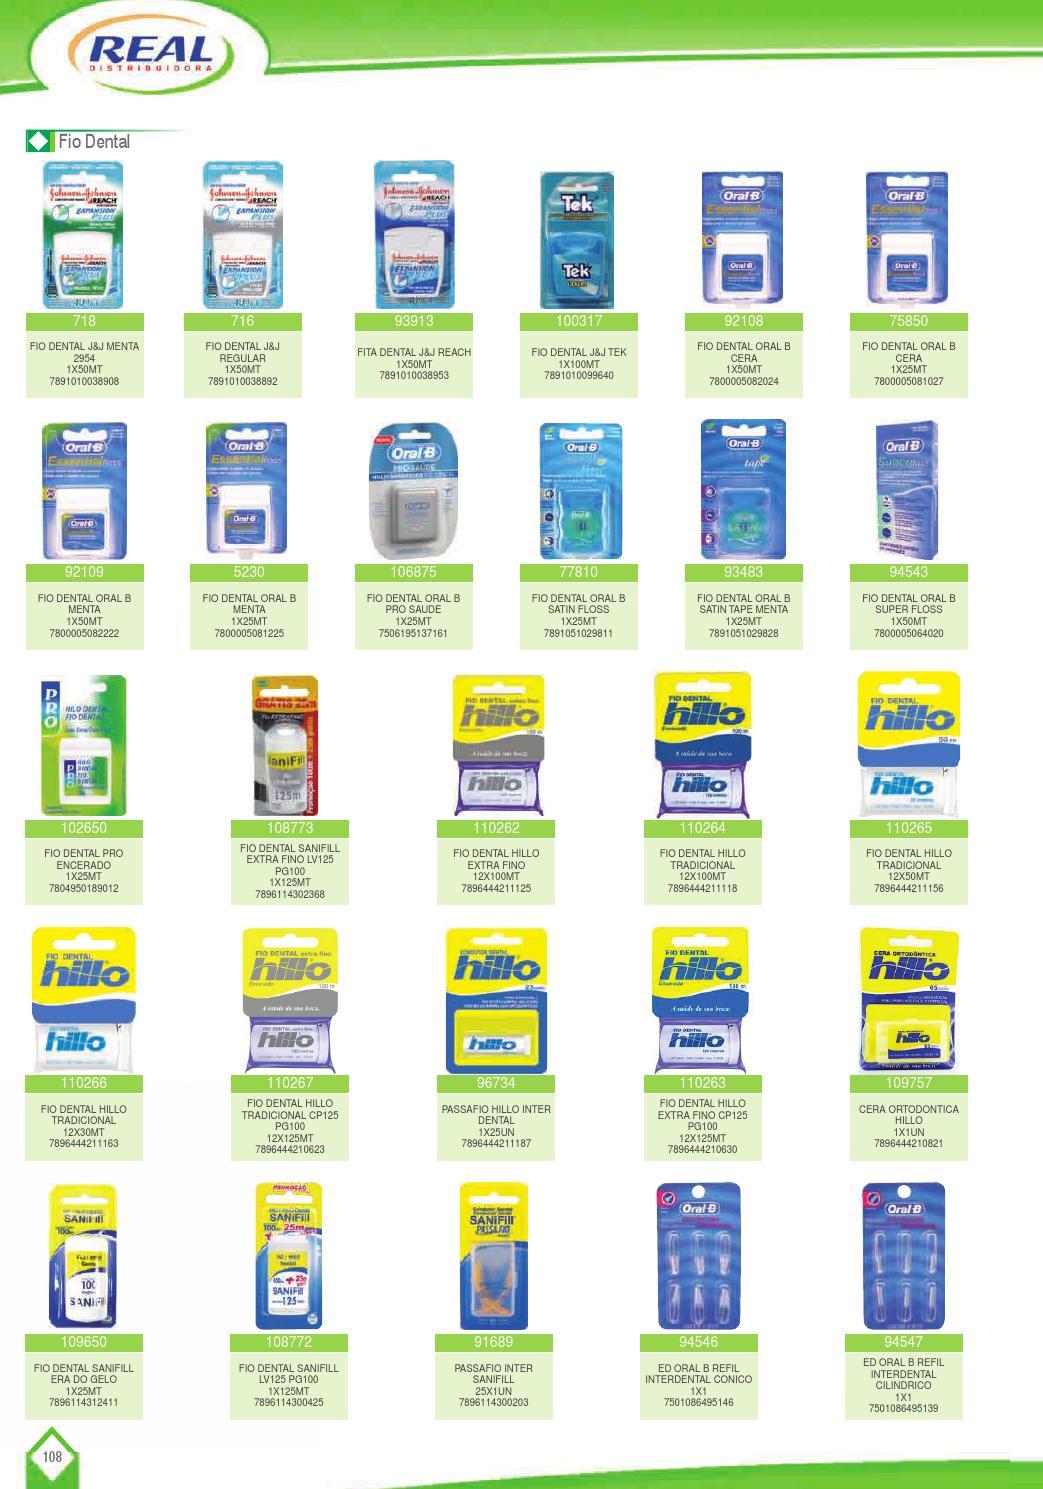 81d4b9b6c19798 Catálogo de Produtos Real Distribuidora by Newbasca - issuu